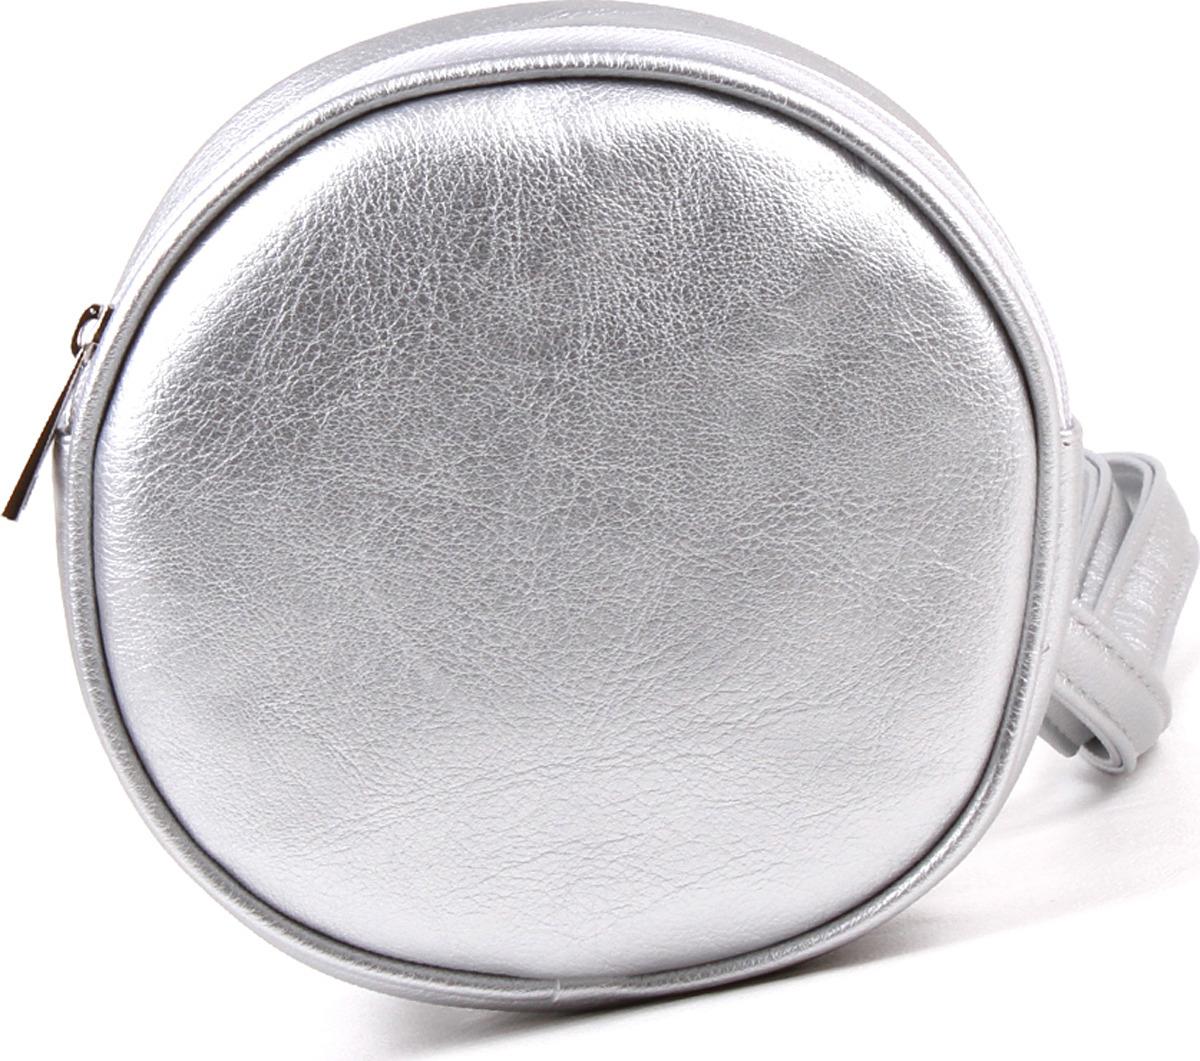 Сумка женская Медведково, 19с0962-к14, серебристый сумка женская медведково цвет серебристый 19с0103 к14